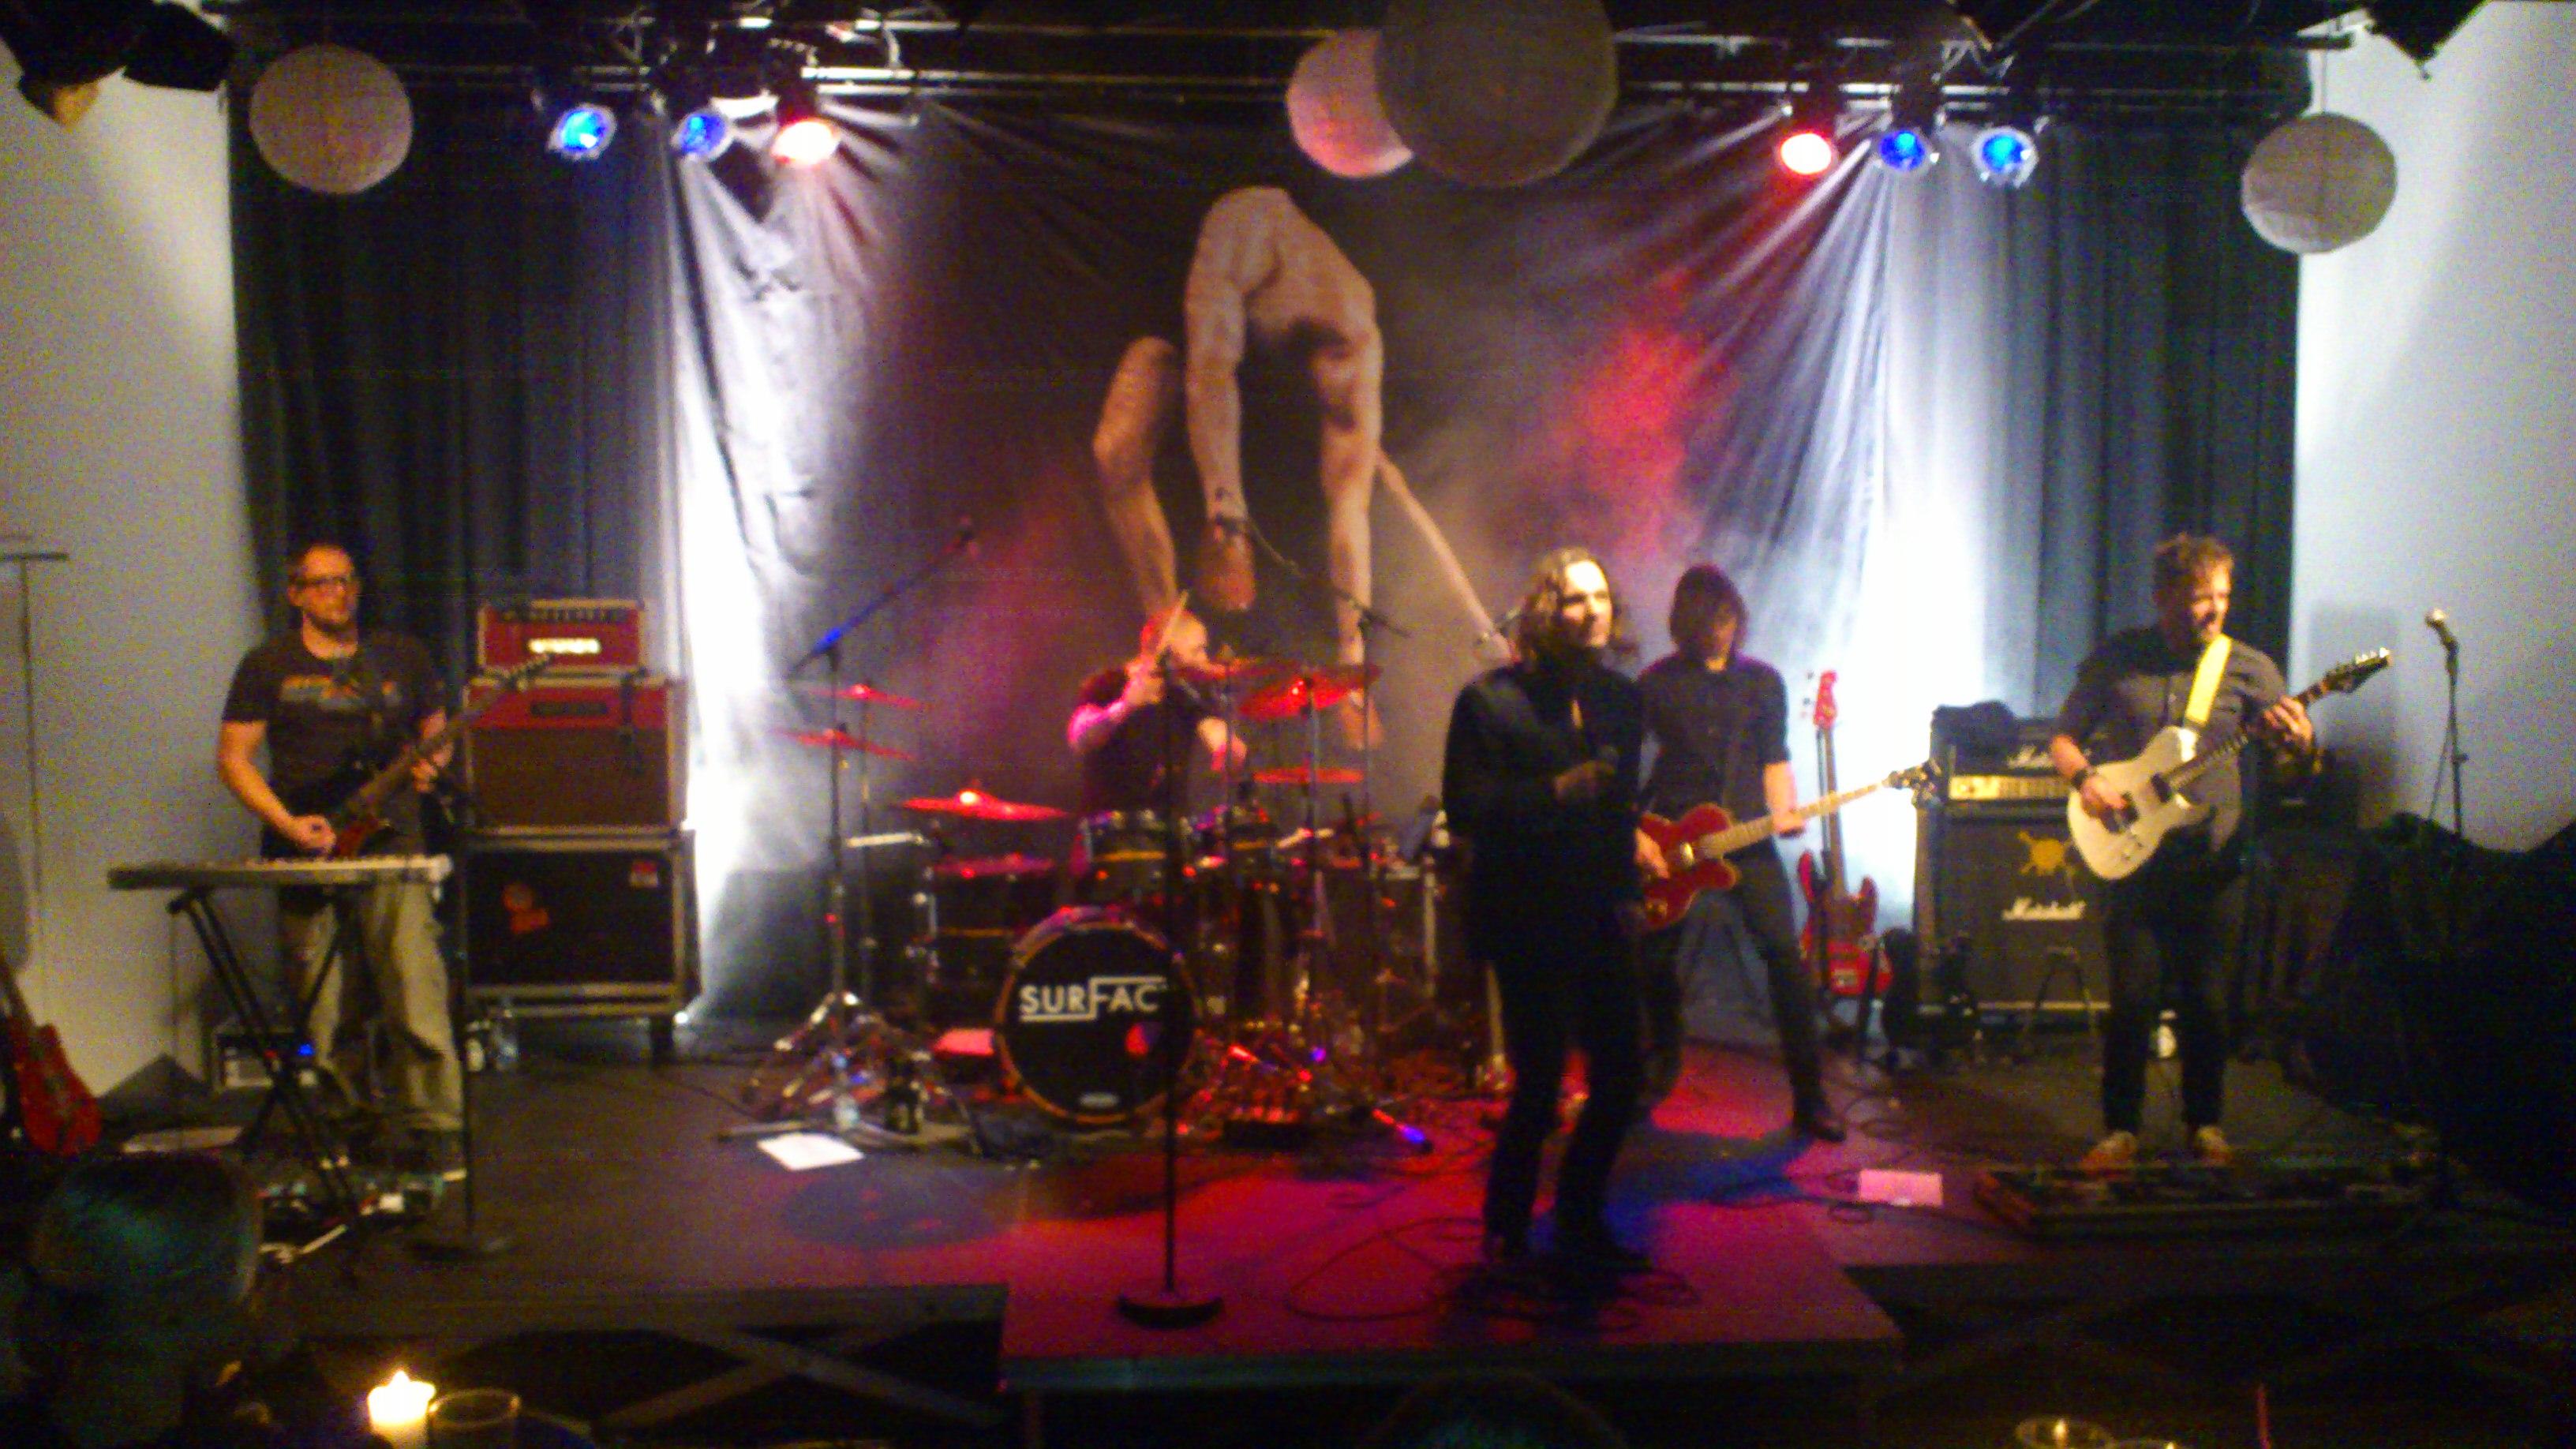 Surfact på Paletten Viborg 18-02-2012